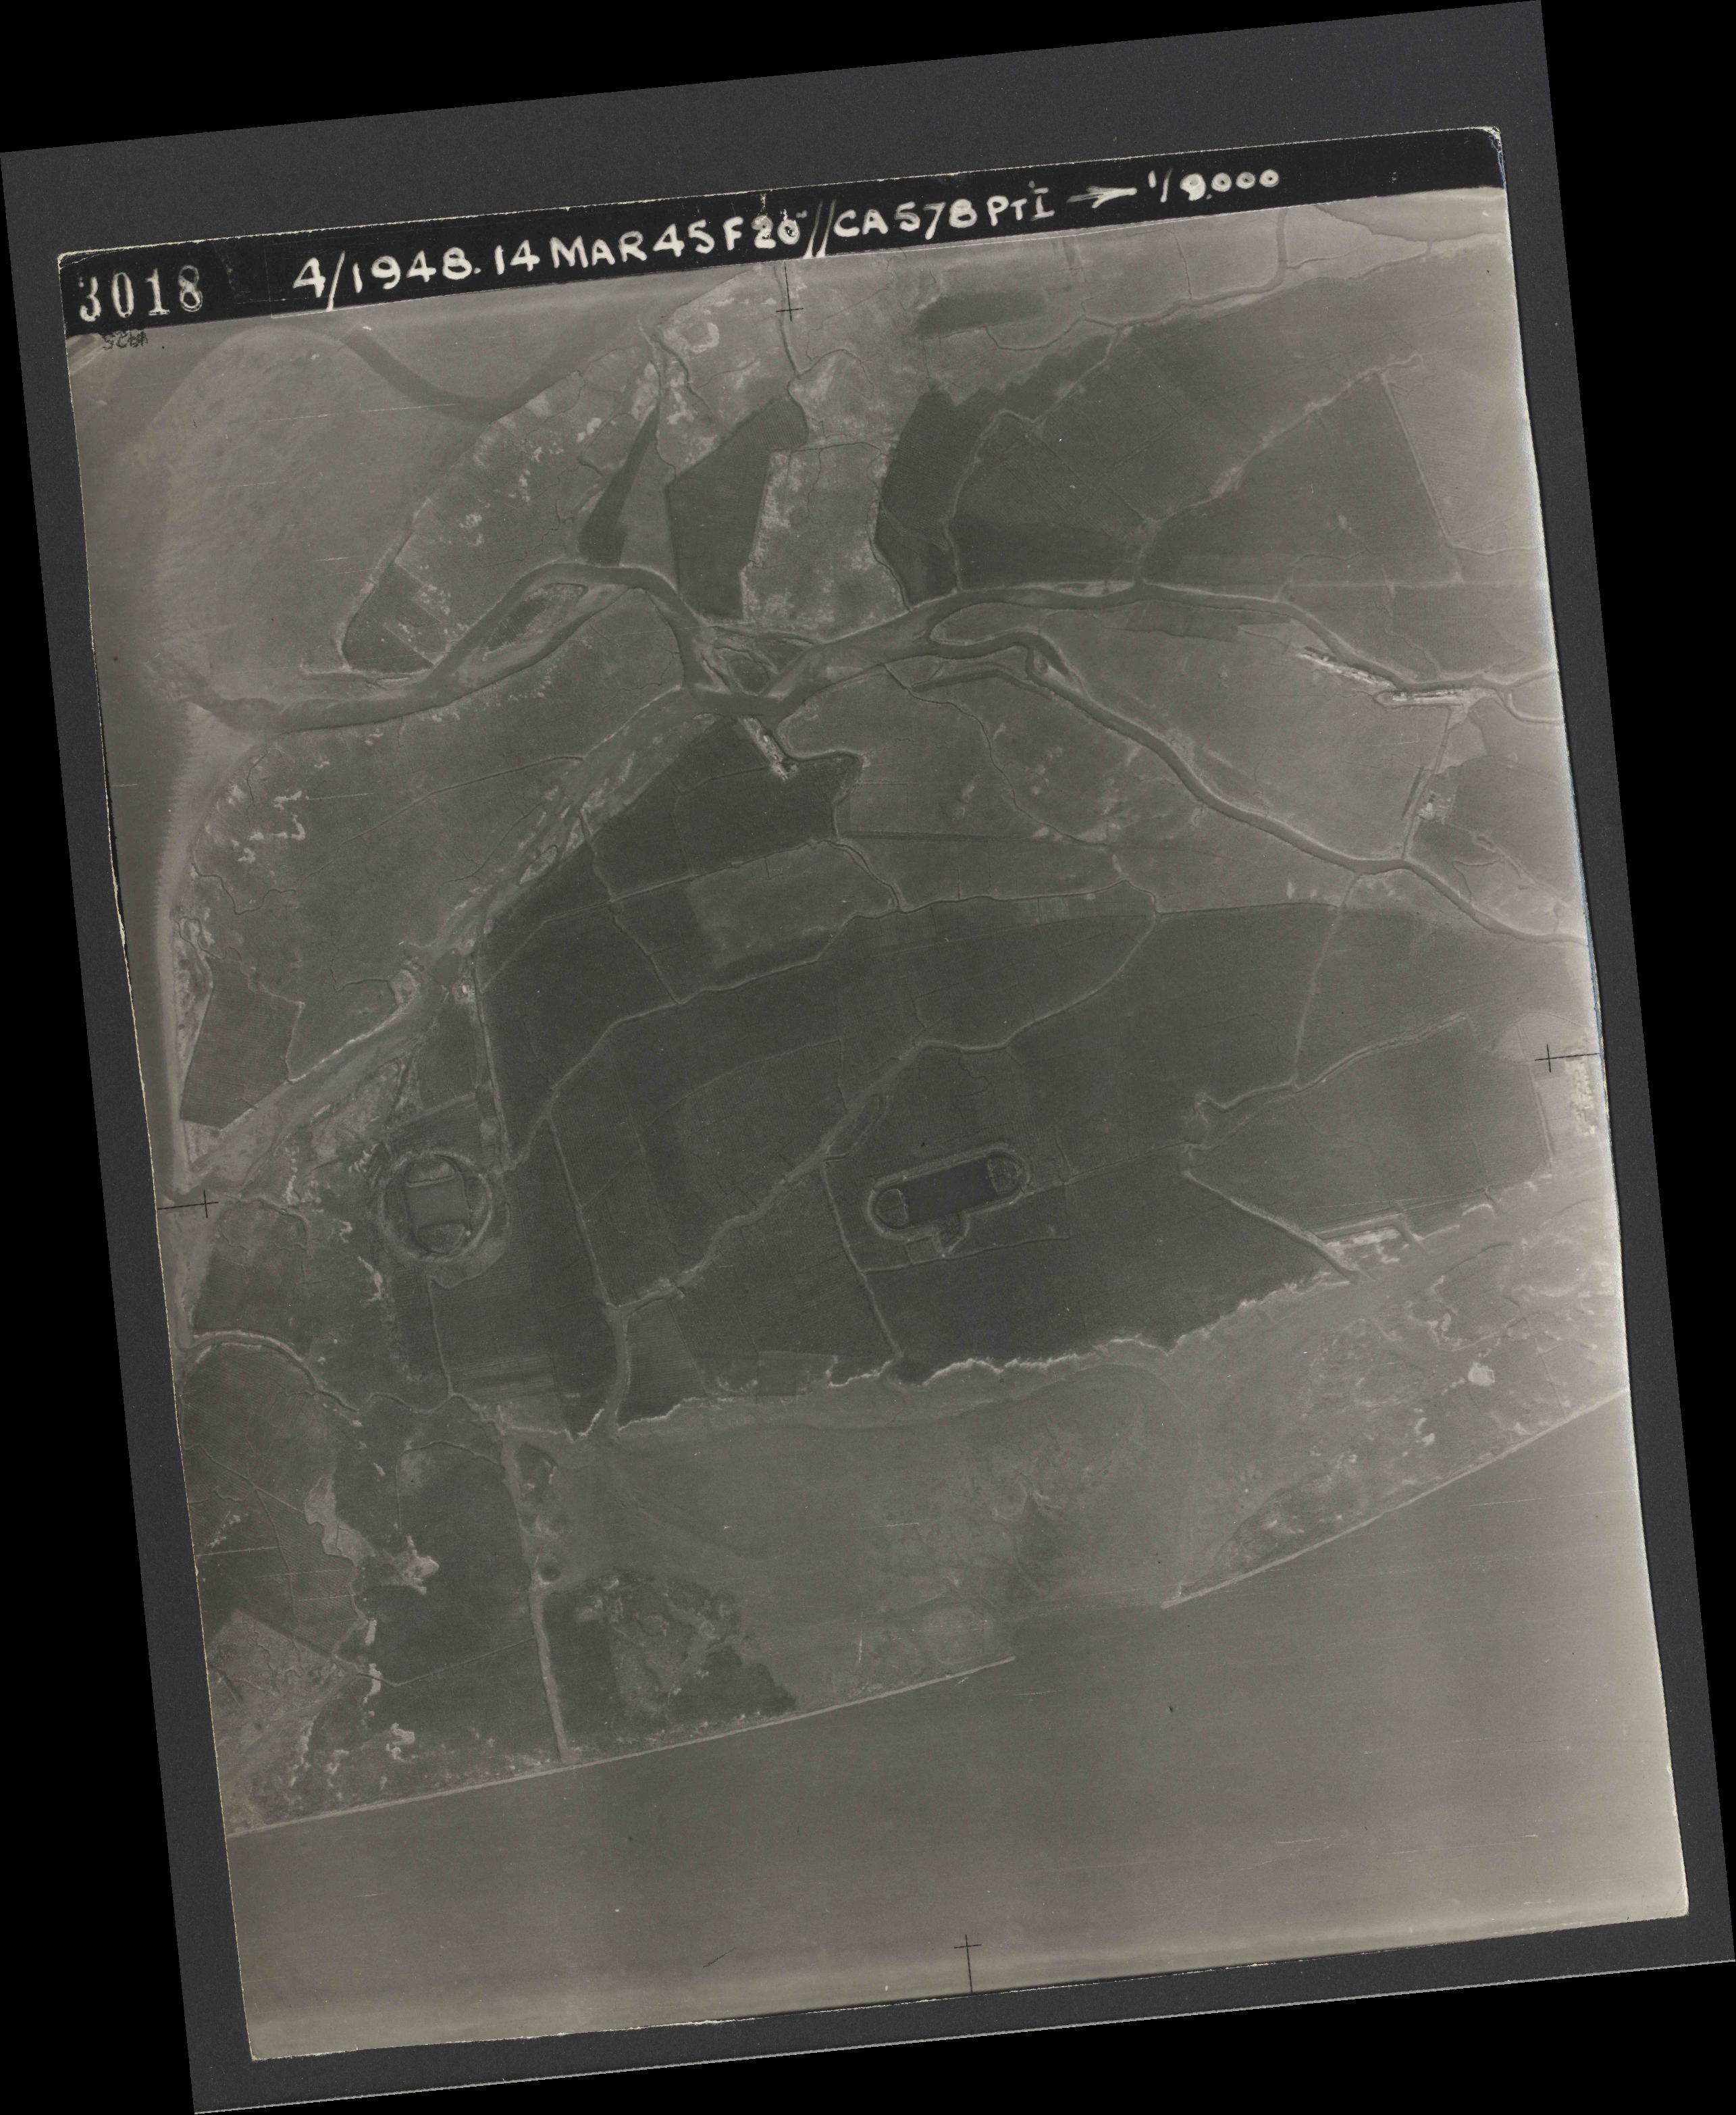 Collection RAF aerial photos 1940-1945 - flight 095, run 03, photo 3018